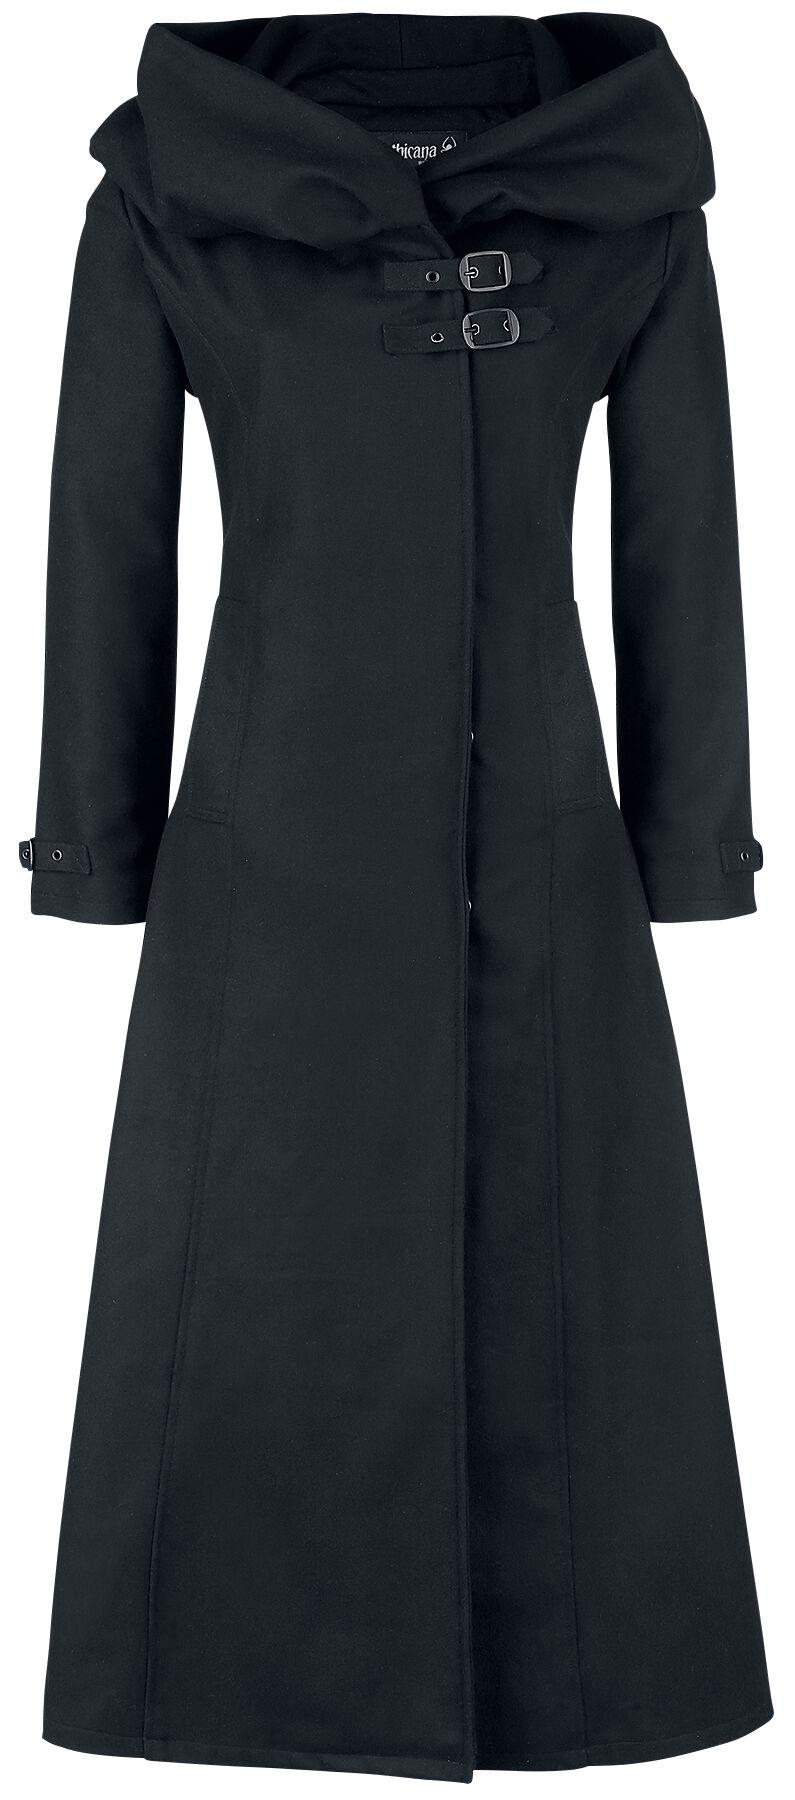 Jacken für Frauen - Gothicana by EMP Cinderella Wollmantel schwarz  - Onlineshop EMP